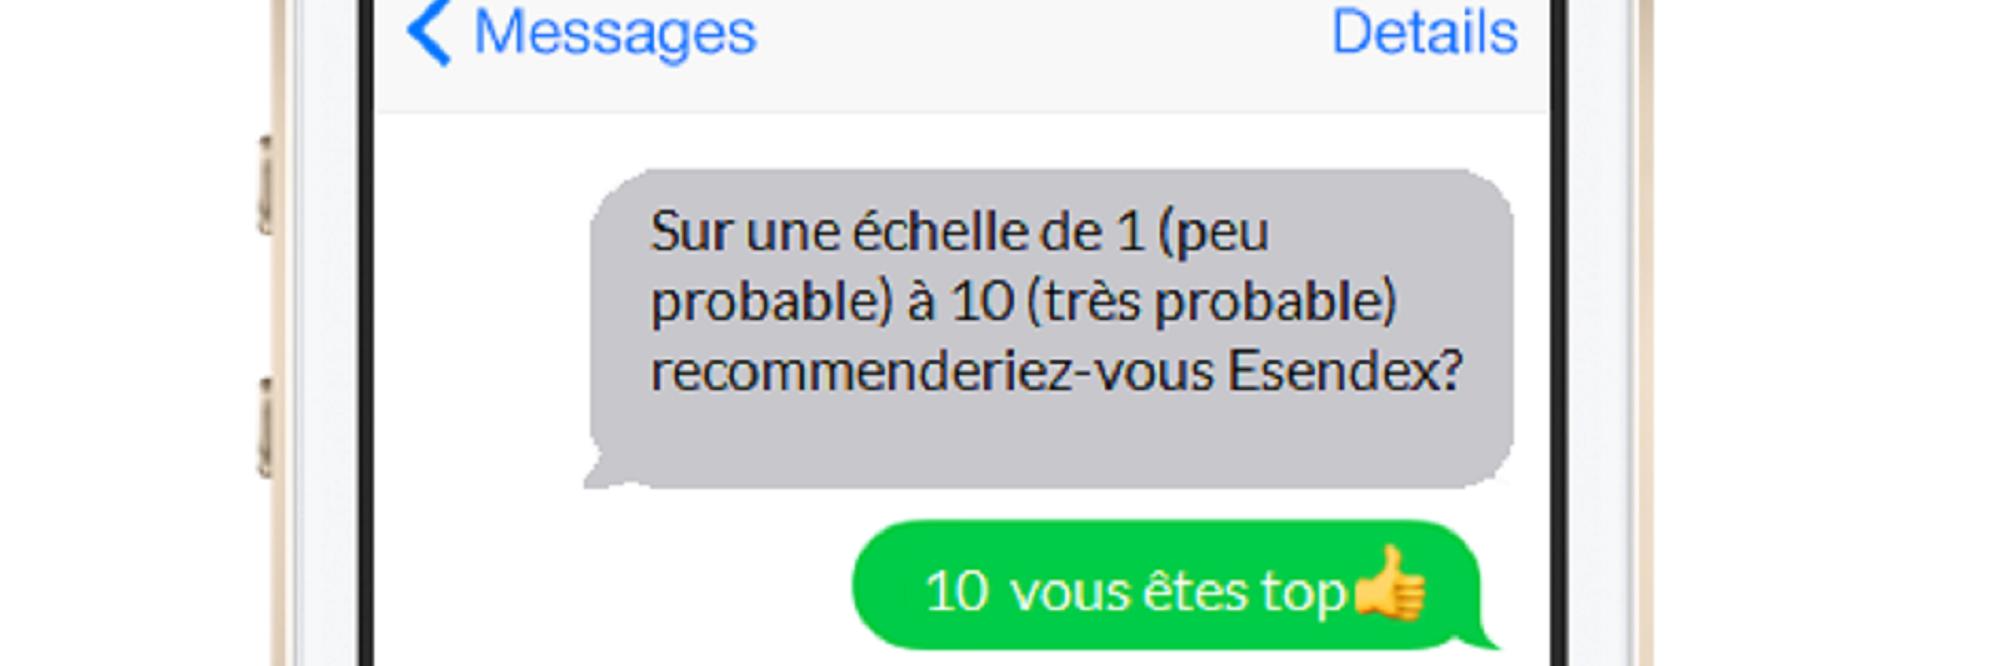 Exemple enquete par SMS